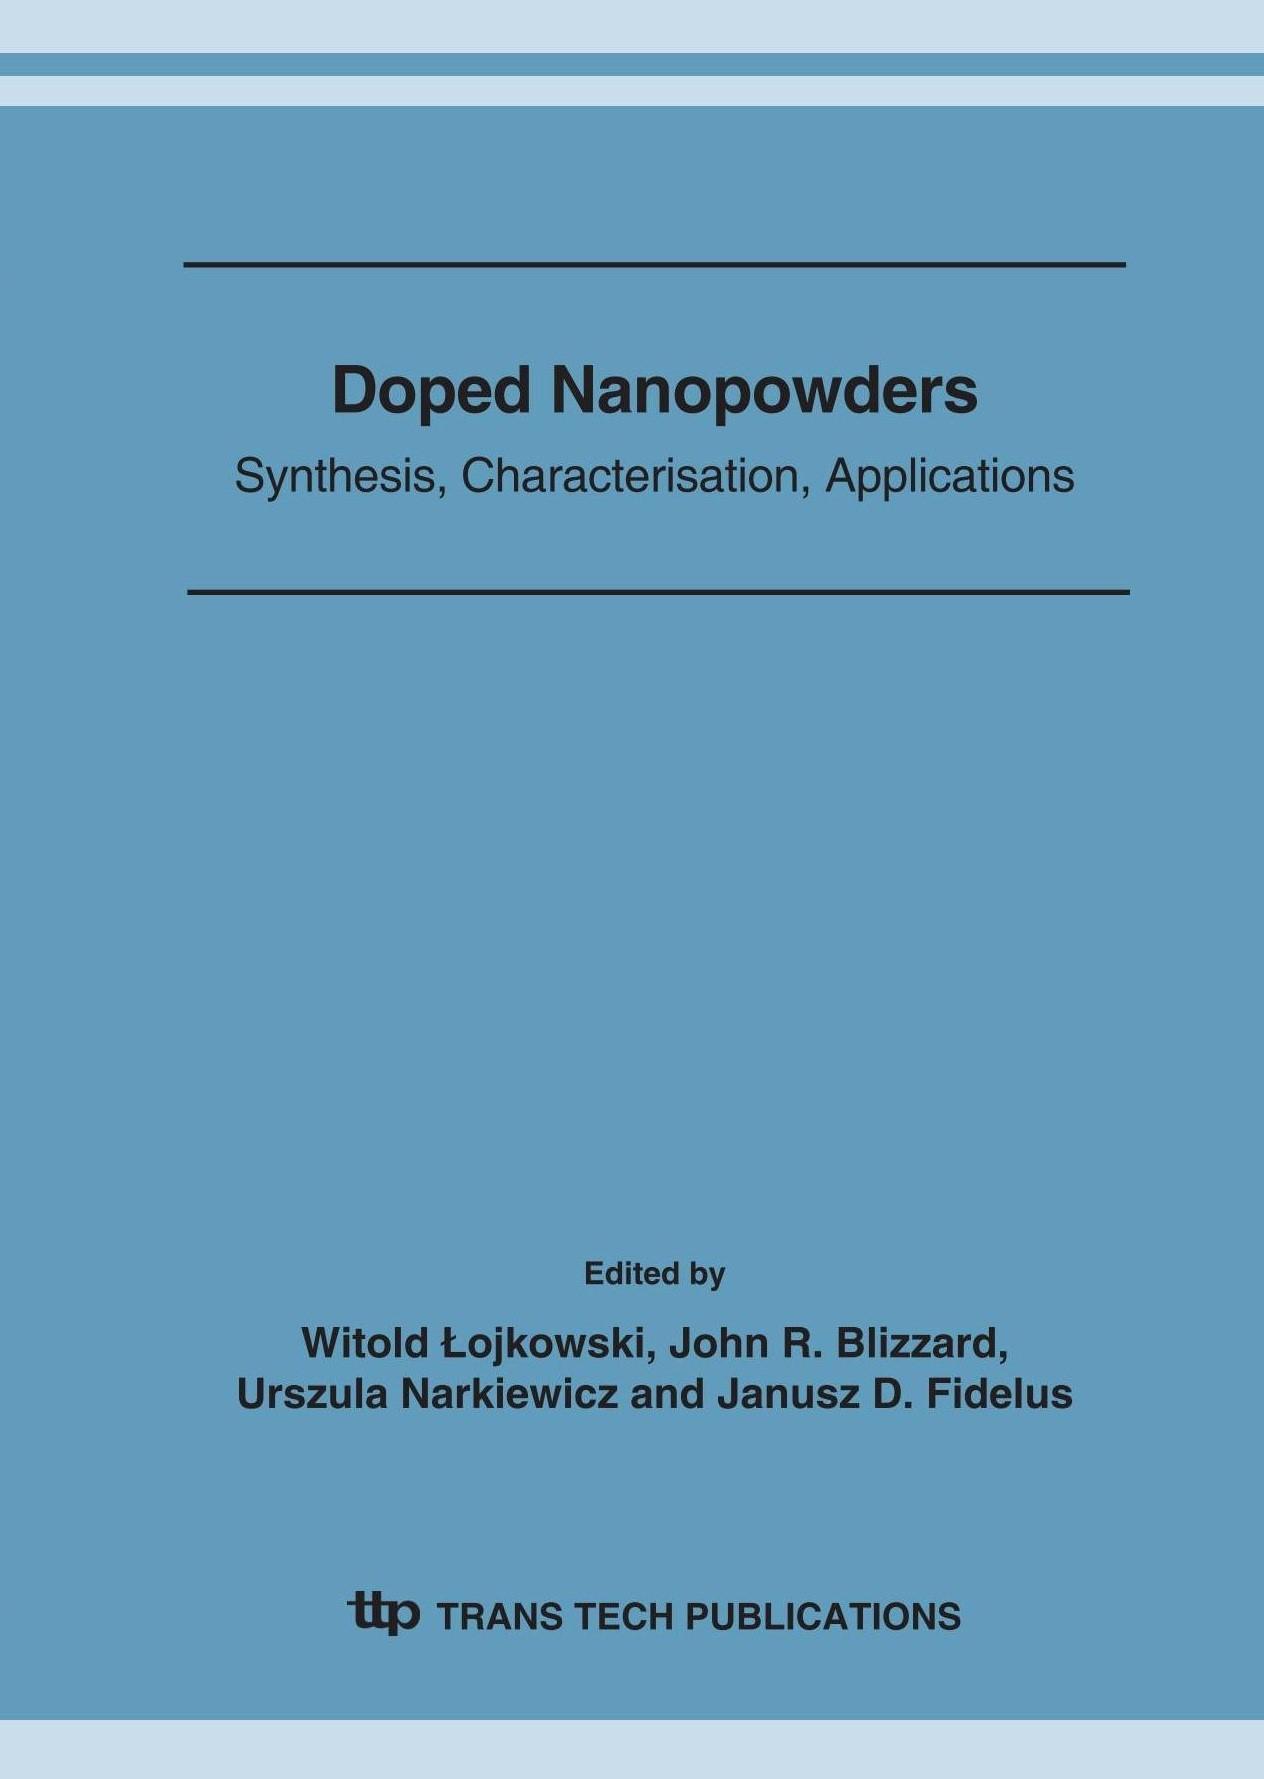 Doped Nanopowders | ojkowski / Blizzard / Narkiewicz / Fidelus, 2007 | Buch (Cover)